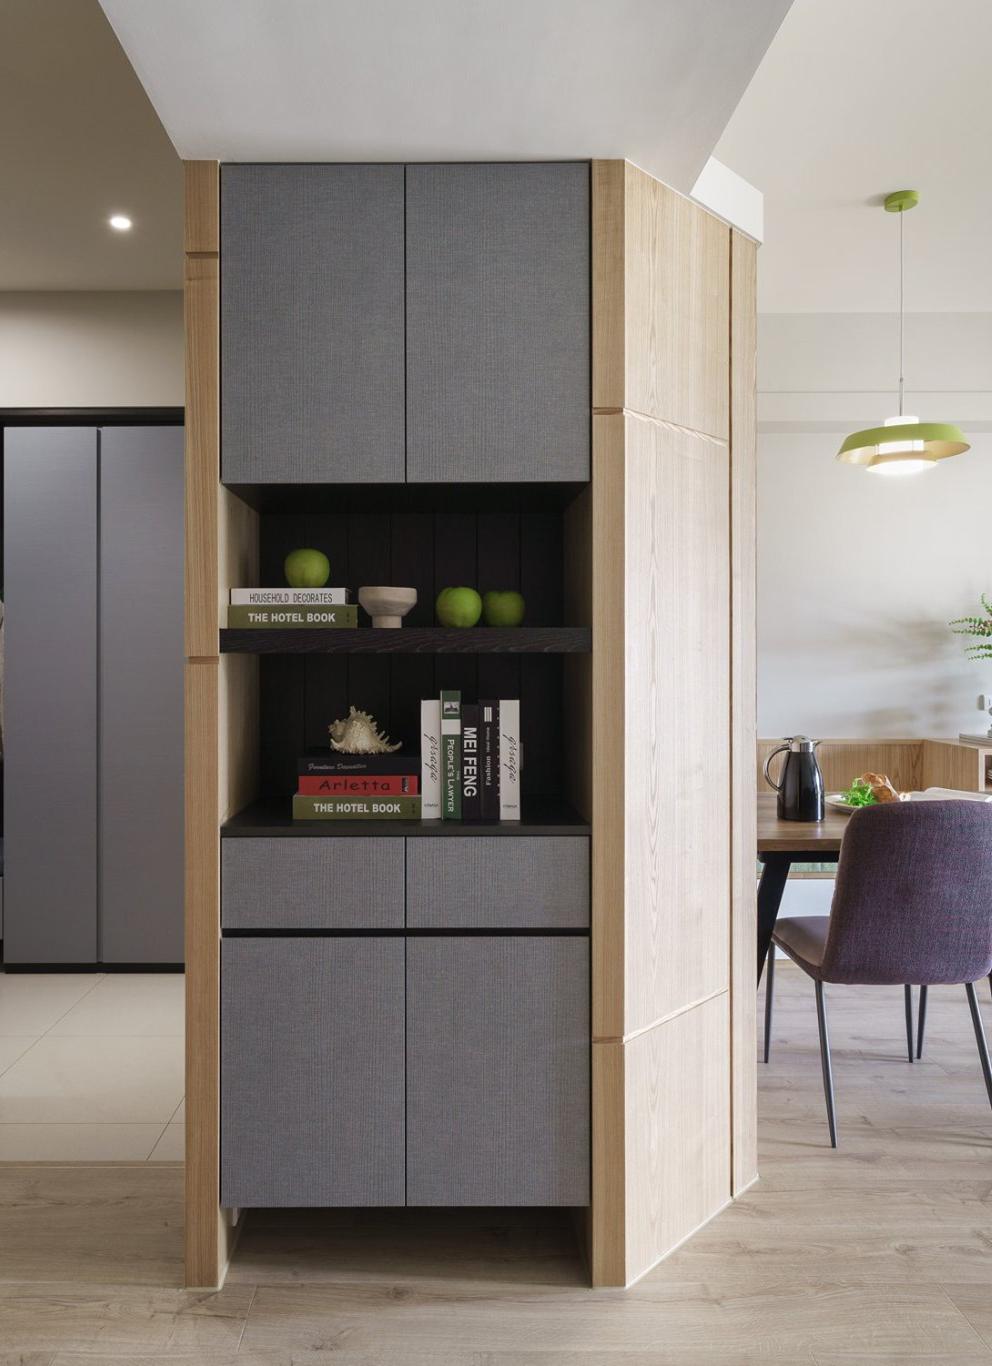 Kiến trúc sư tư vấn thiết kế căn hộ 50m² cho người trẻ độc thân với chi phí 134 triệu đồng - Ảnh 3.